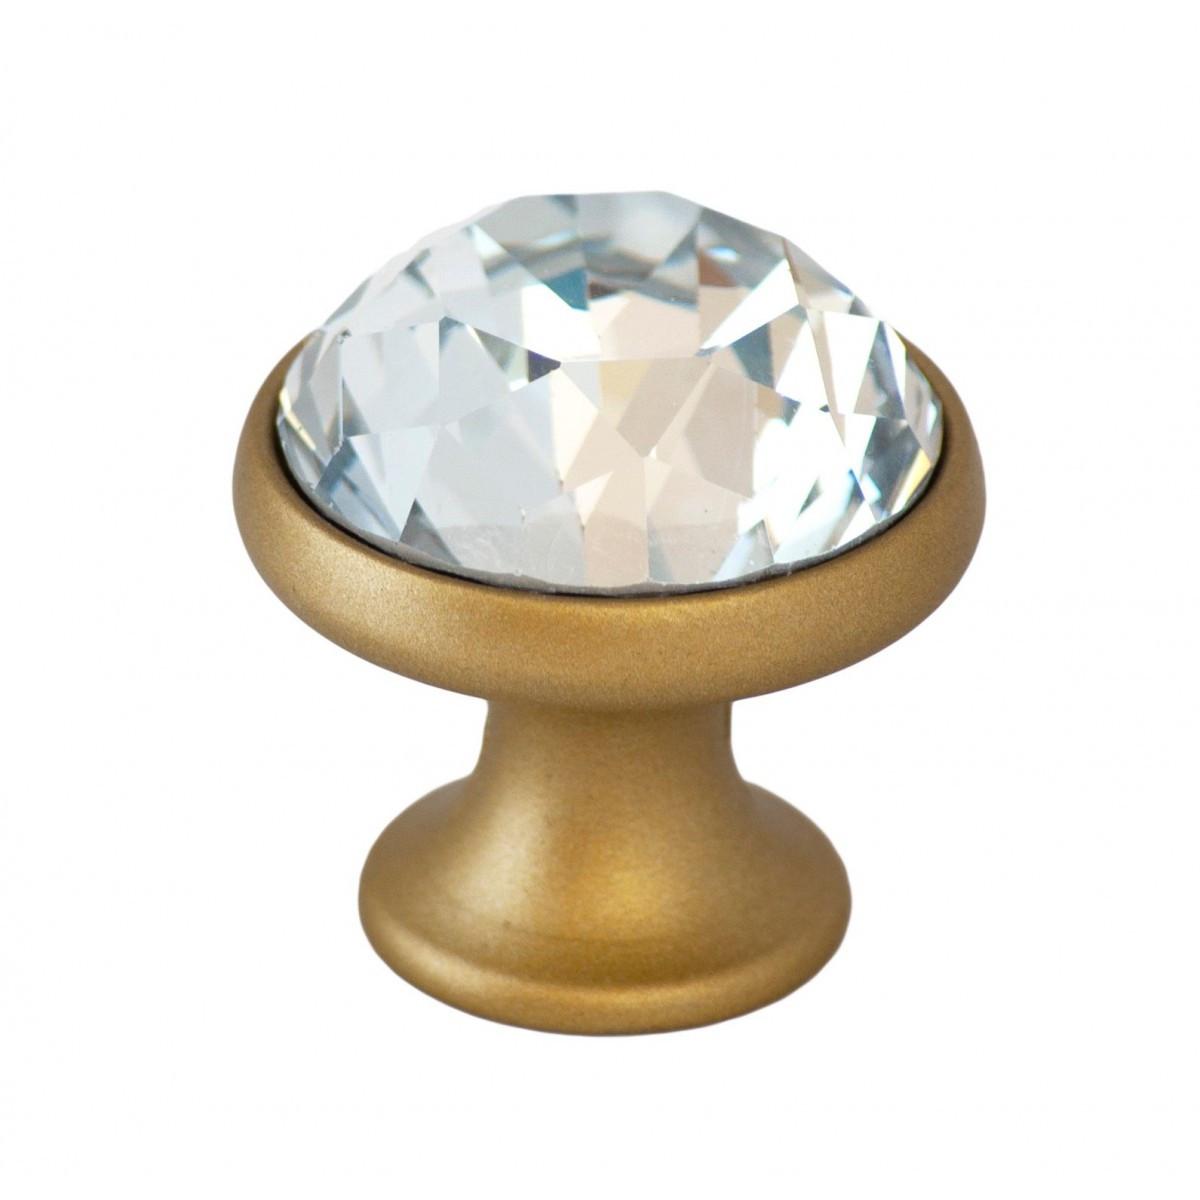 Ручка мебельная Ozkardesler TASLI YAKUT DUGME 6098-04 Матовое Золото с камнями